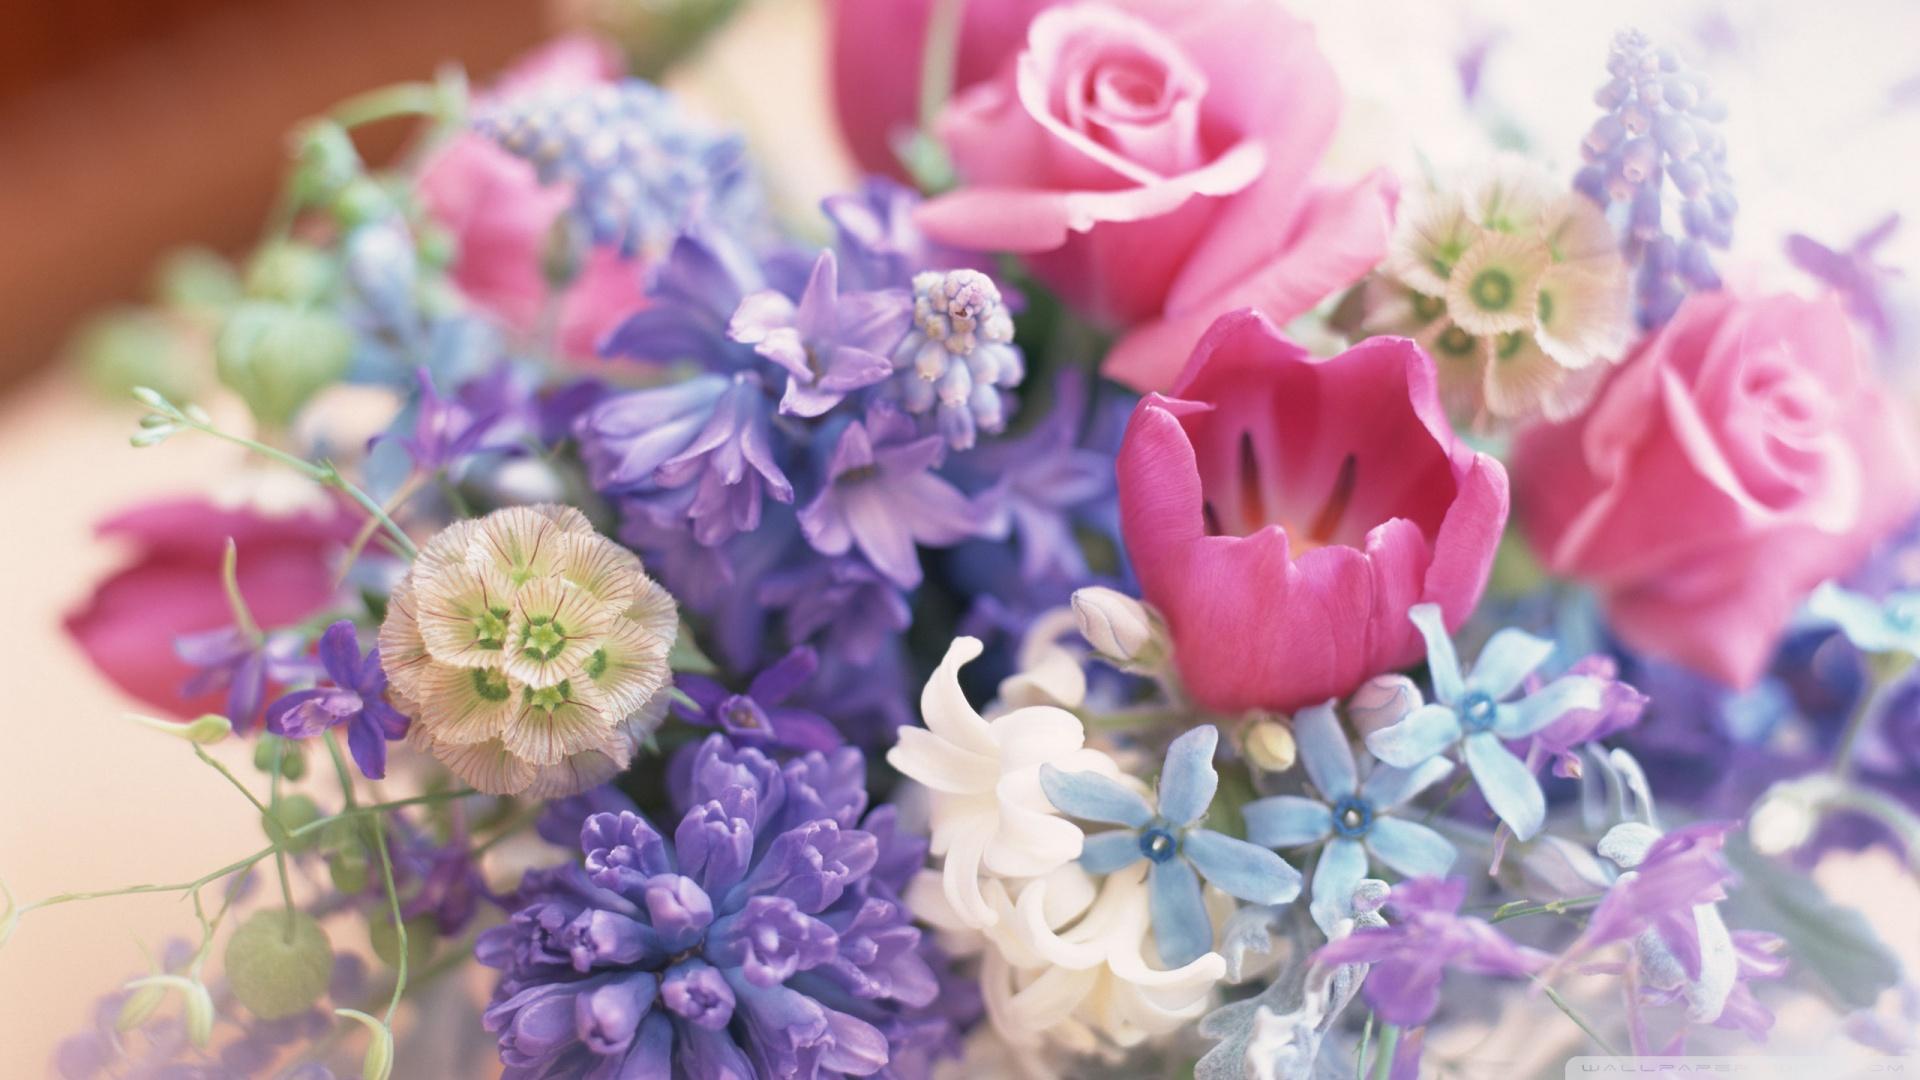 Flower Bouquet Wallpaper Wallpapersafari